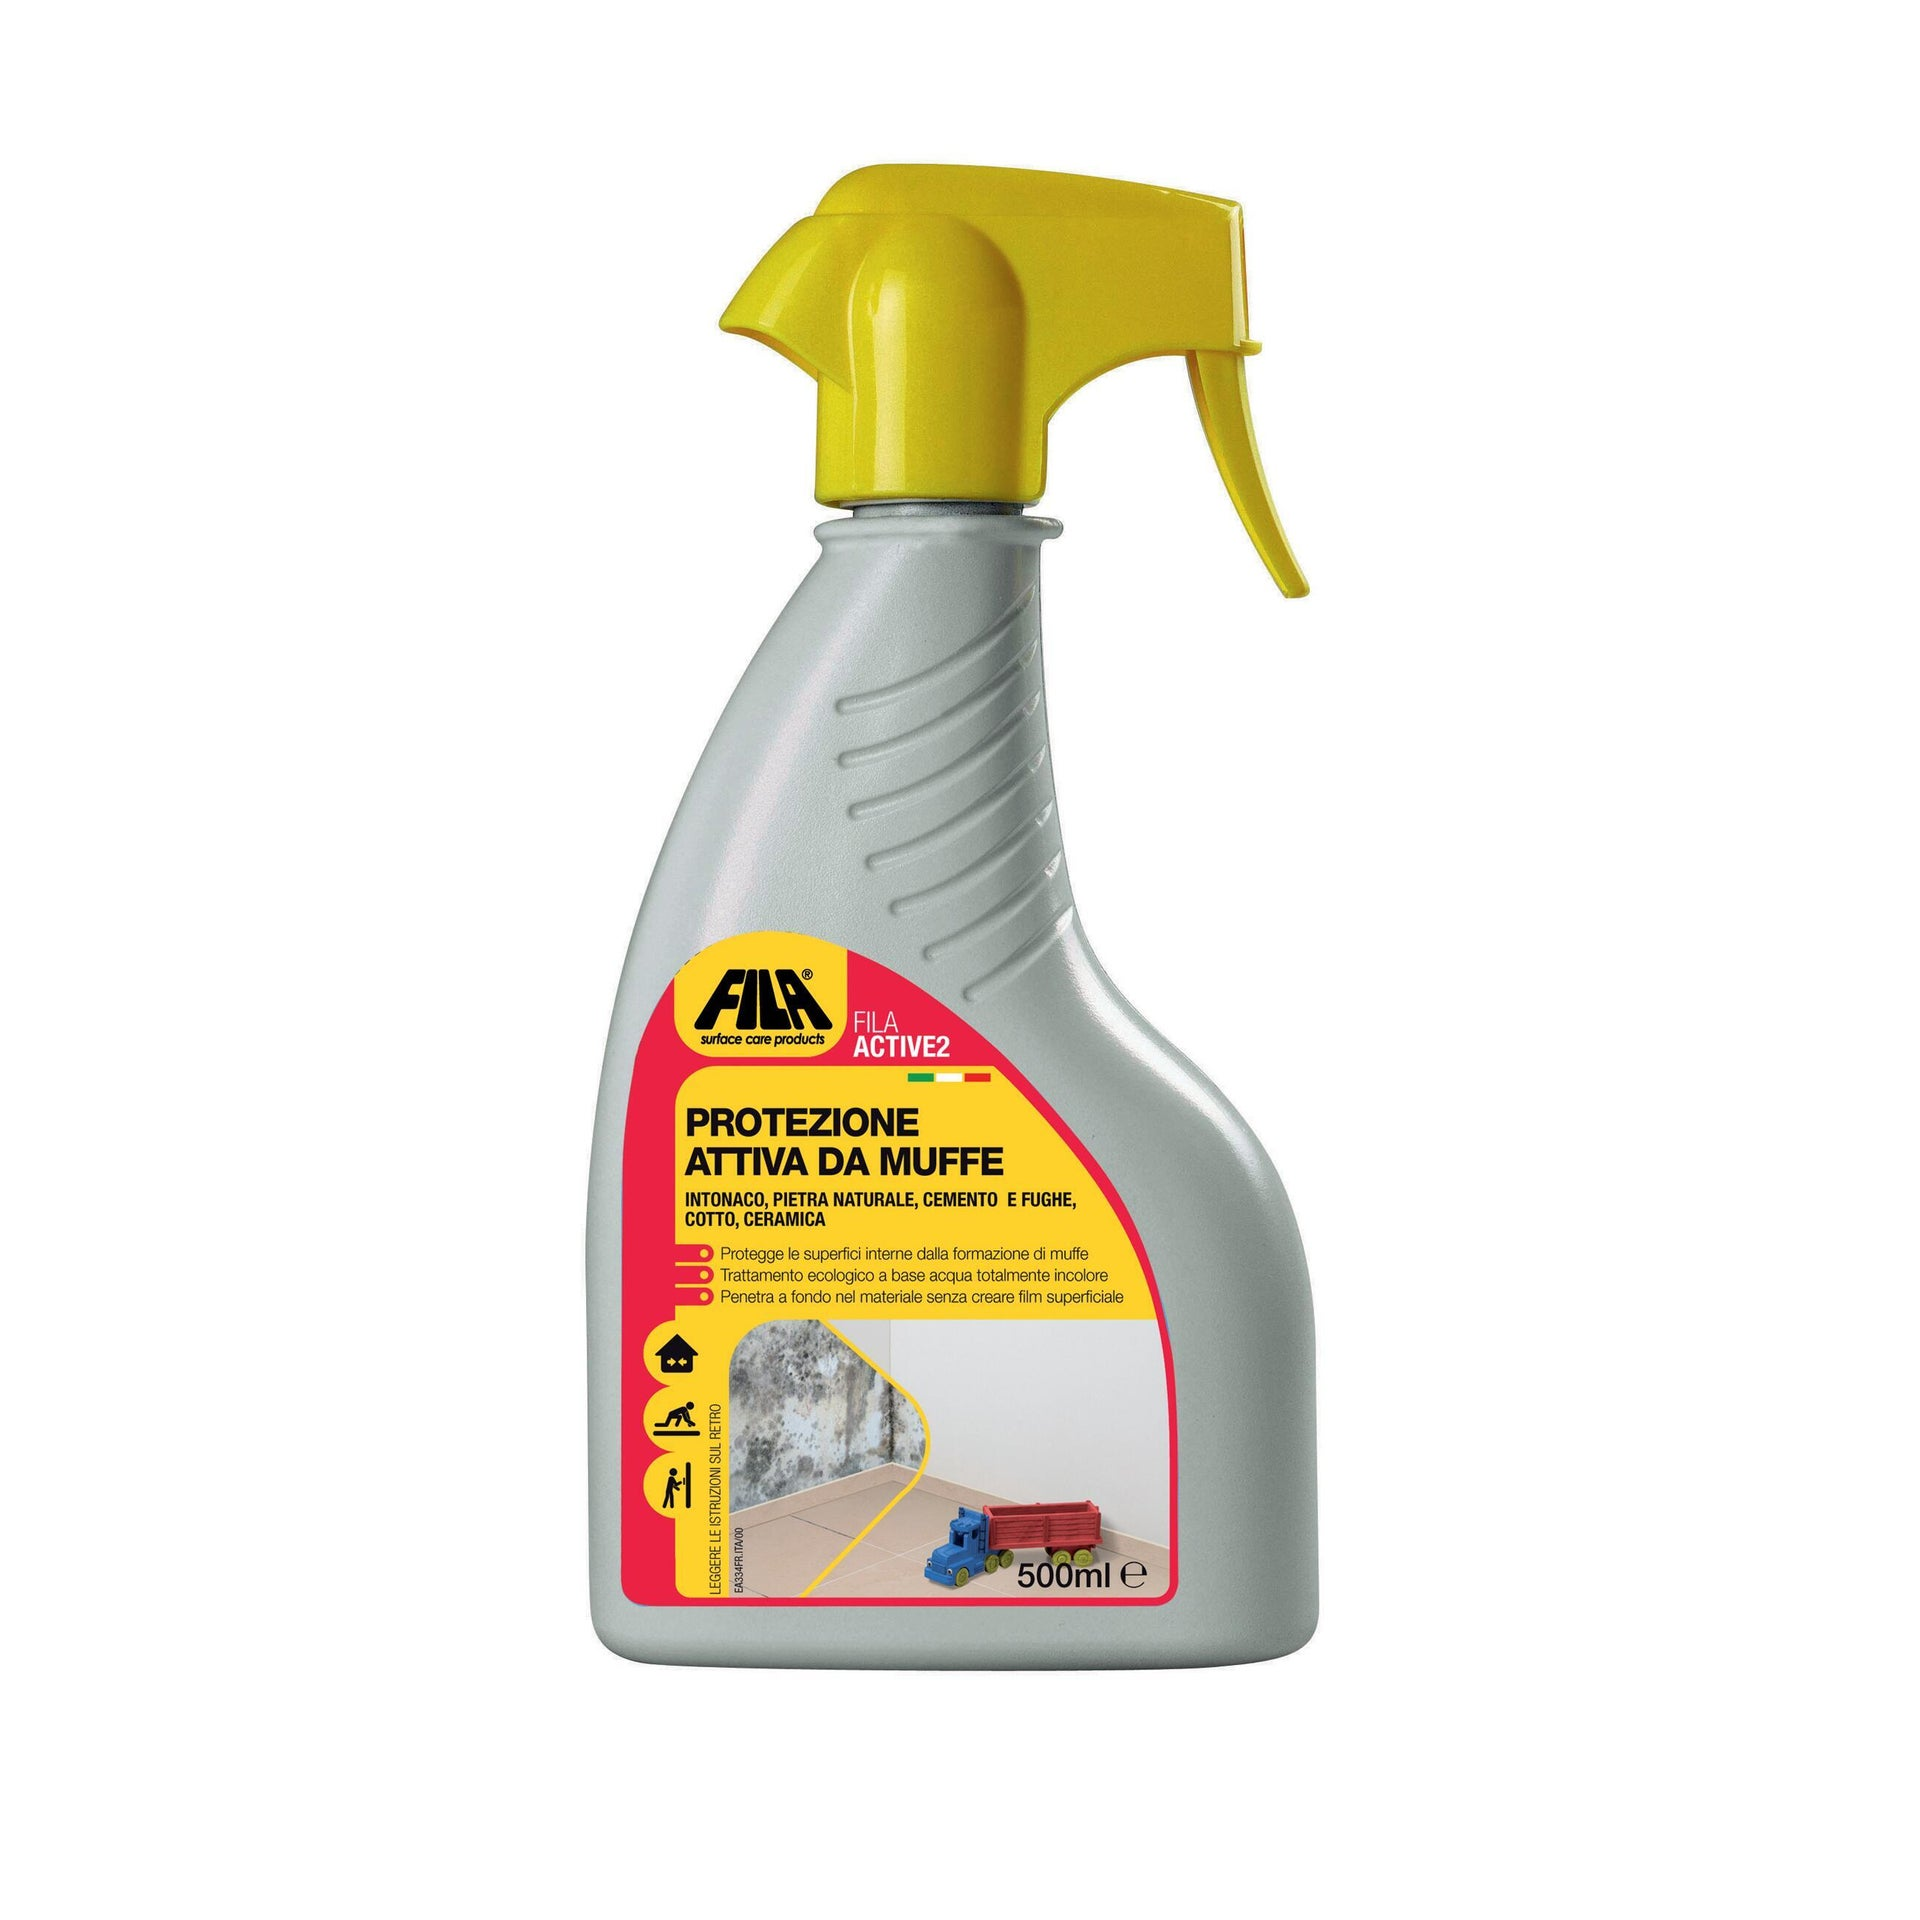 Protettore Active2 FILA 500 ml